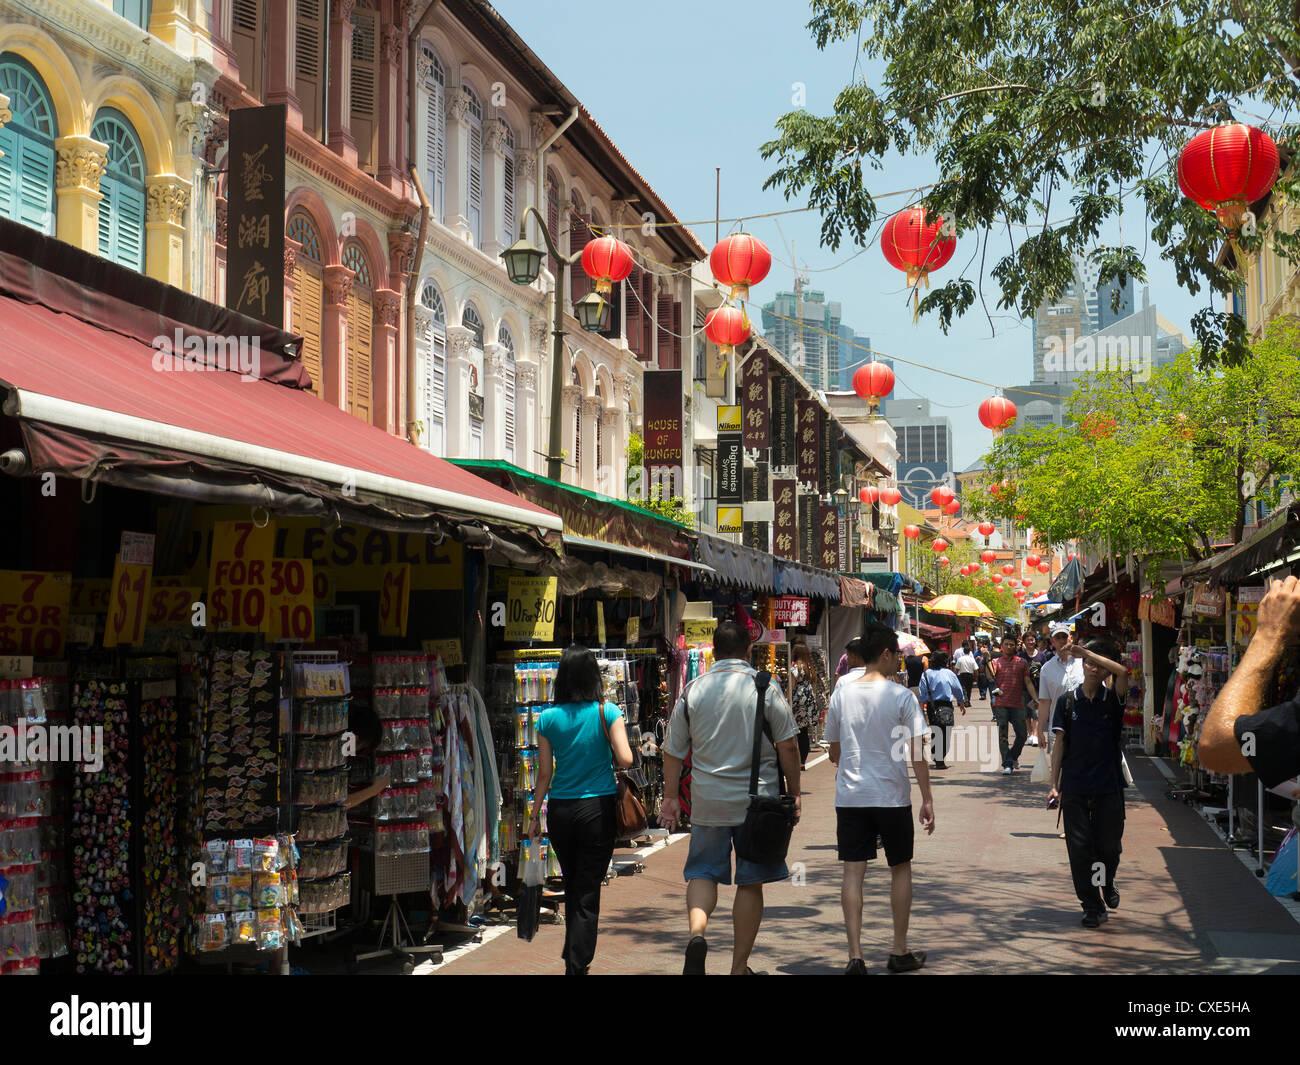 Lanternes chinoises, de la rue du marché, Chinatown, Singapour, Asie Photo Stock